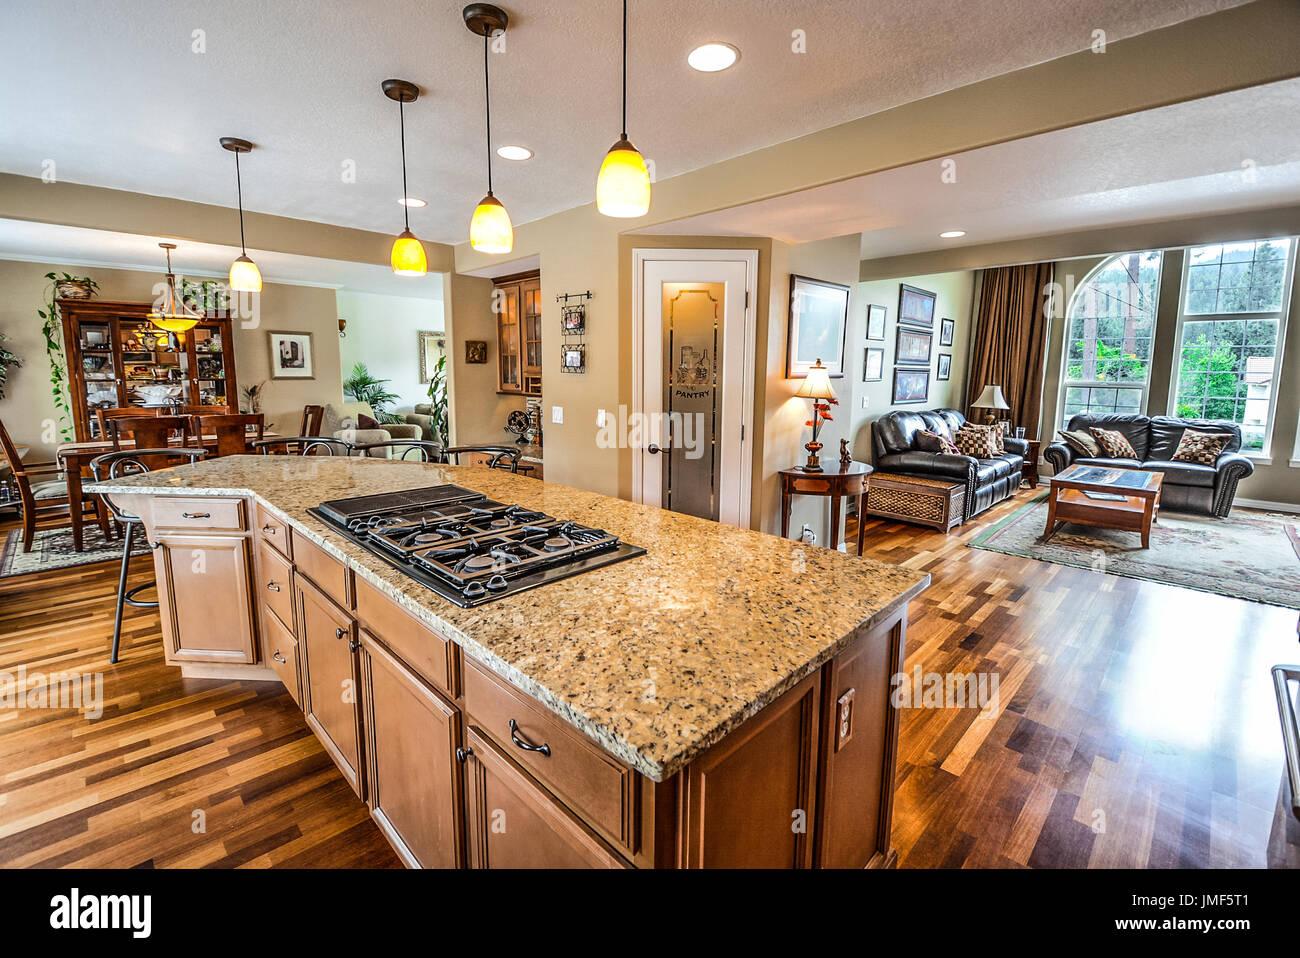 Espaciosa casa de lujo con gran encimera de granito cocina con isla ...